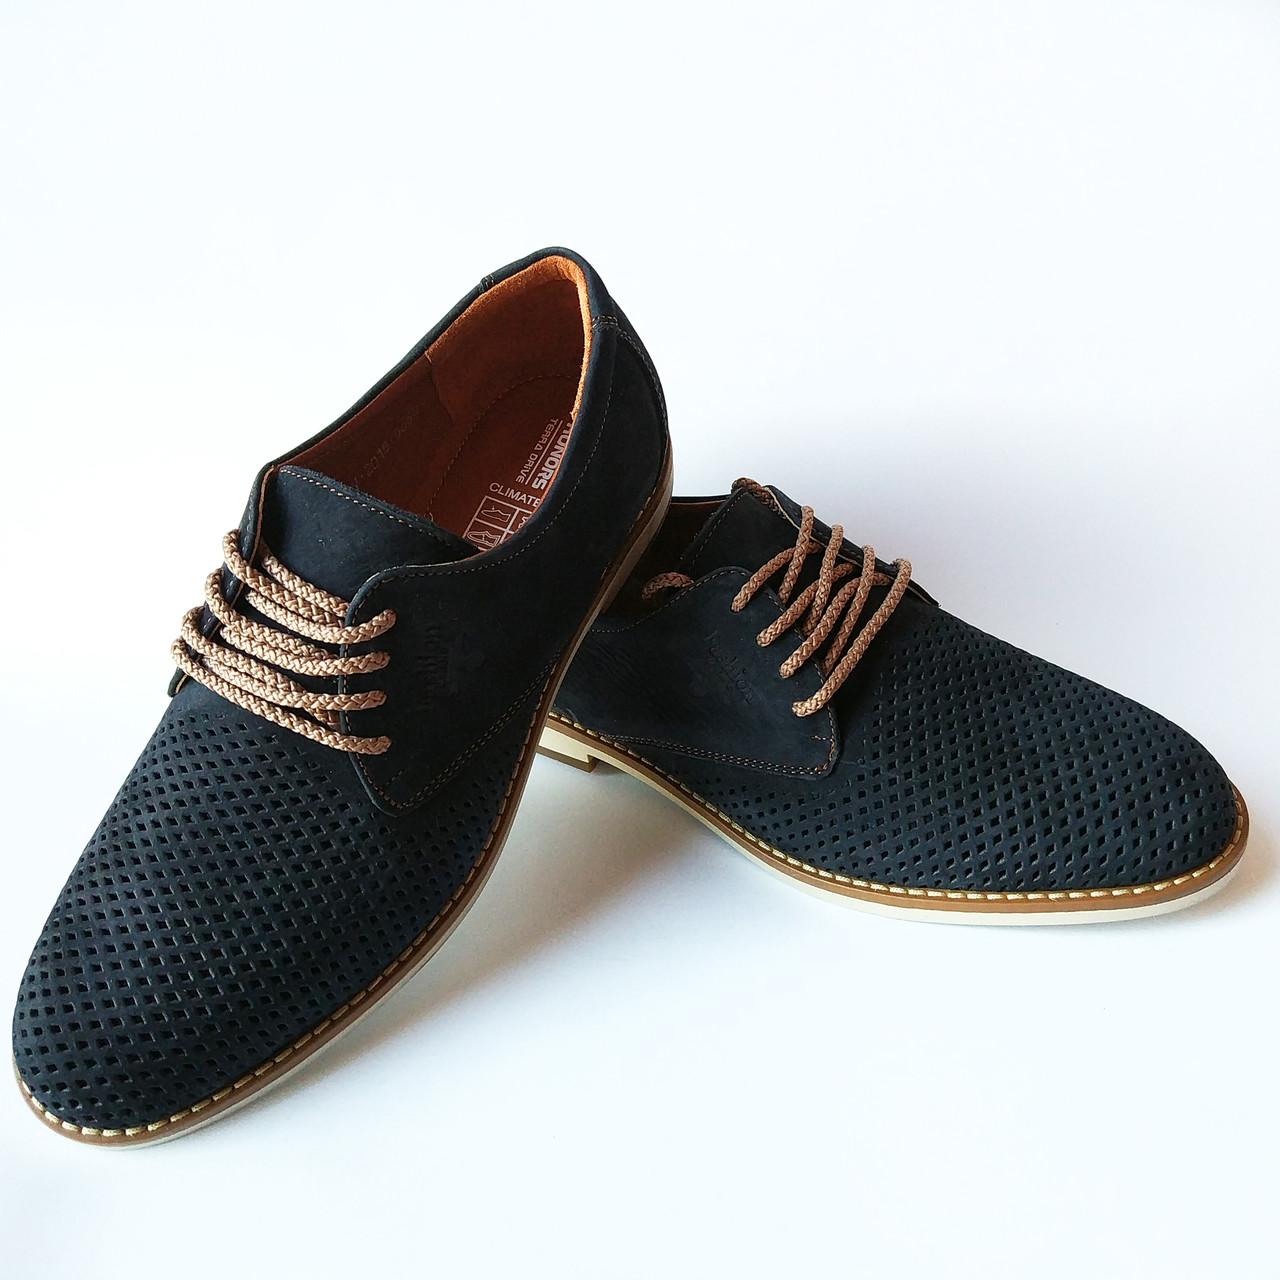 76f739416ea7f6 Синие замшевые туфли Konors на шнурках - Интернет-магазин